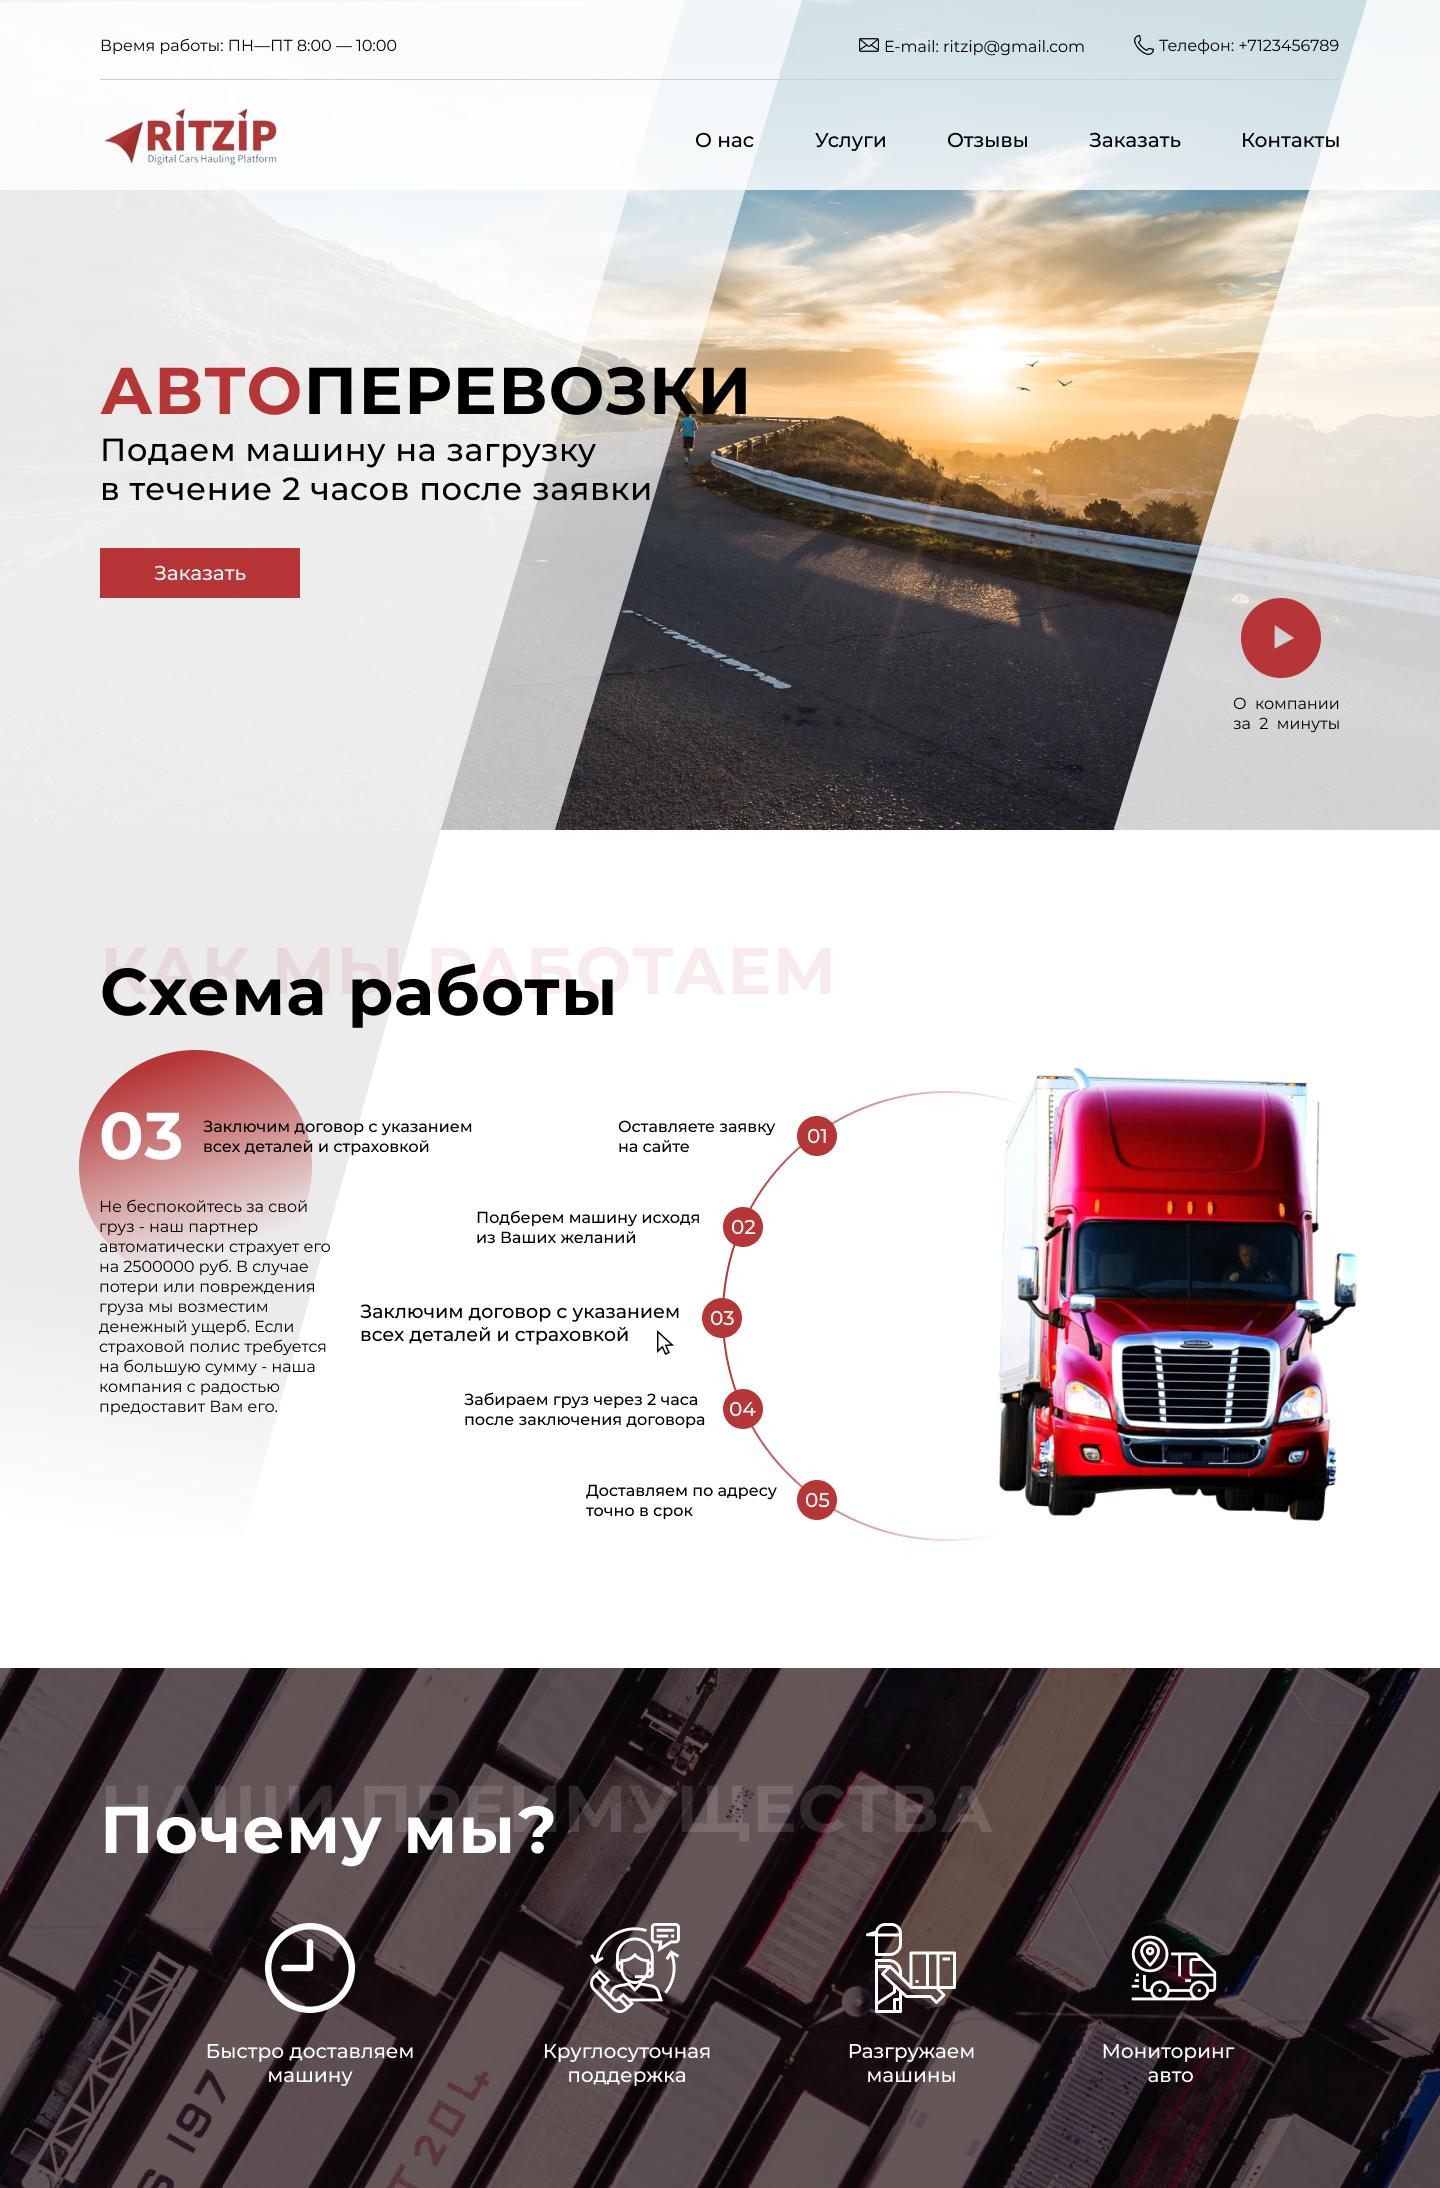 Дизайн сайта - автоперевозка авто в США -car hauling фото f_710607089a7e5b9a.jpg